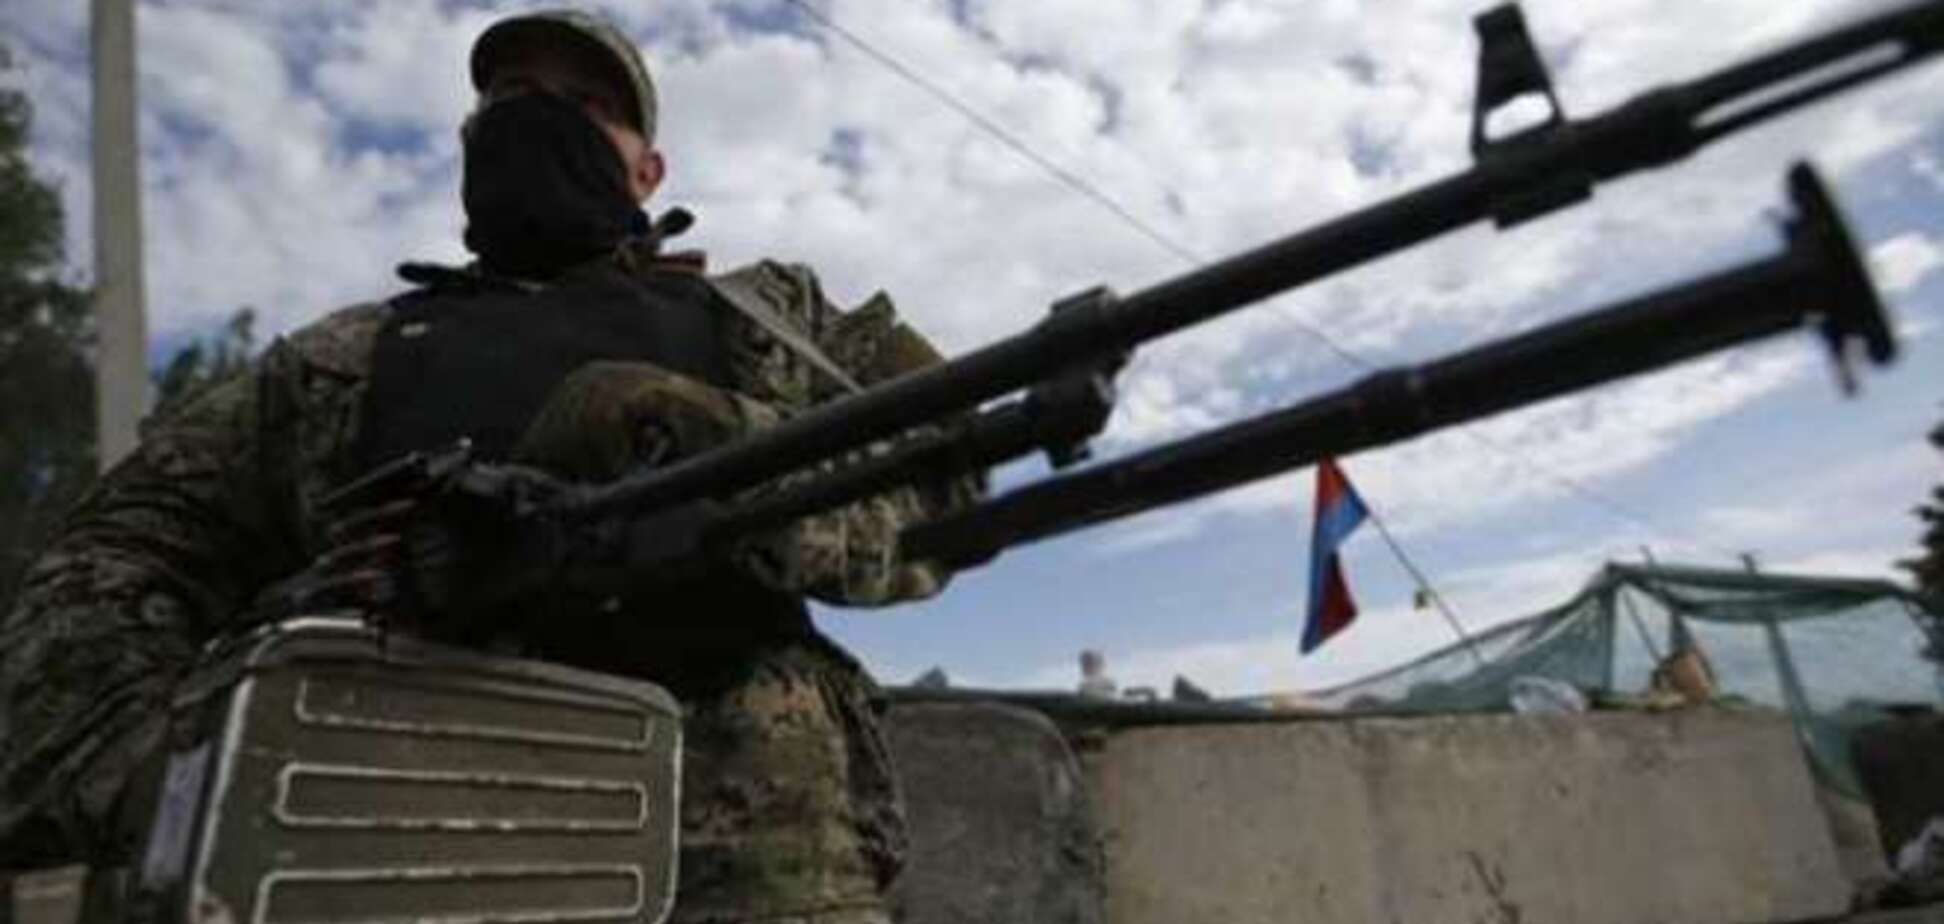 Житель Донецка: В моем районе не осталось наркоманов и алкашей — все погибли за 'ДНР'